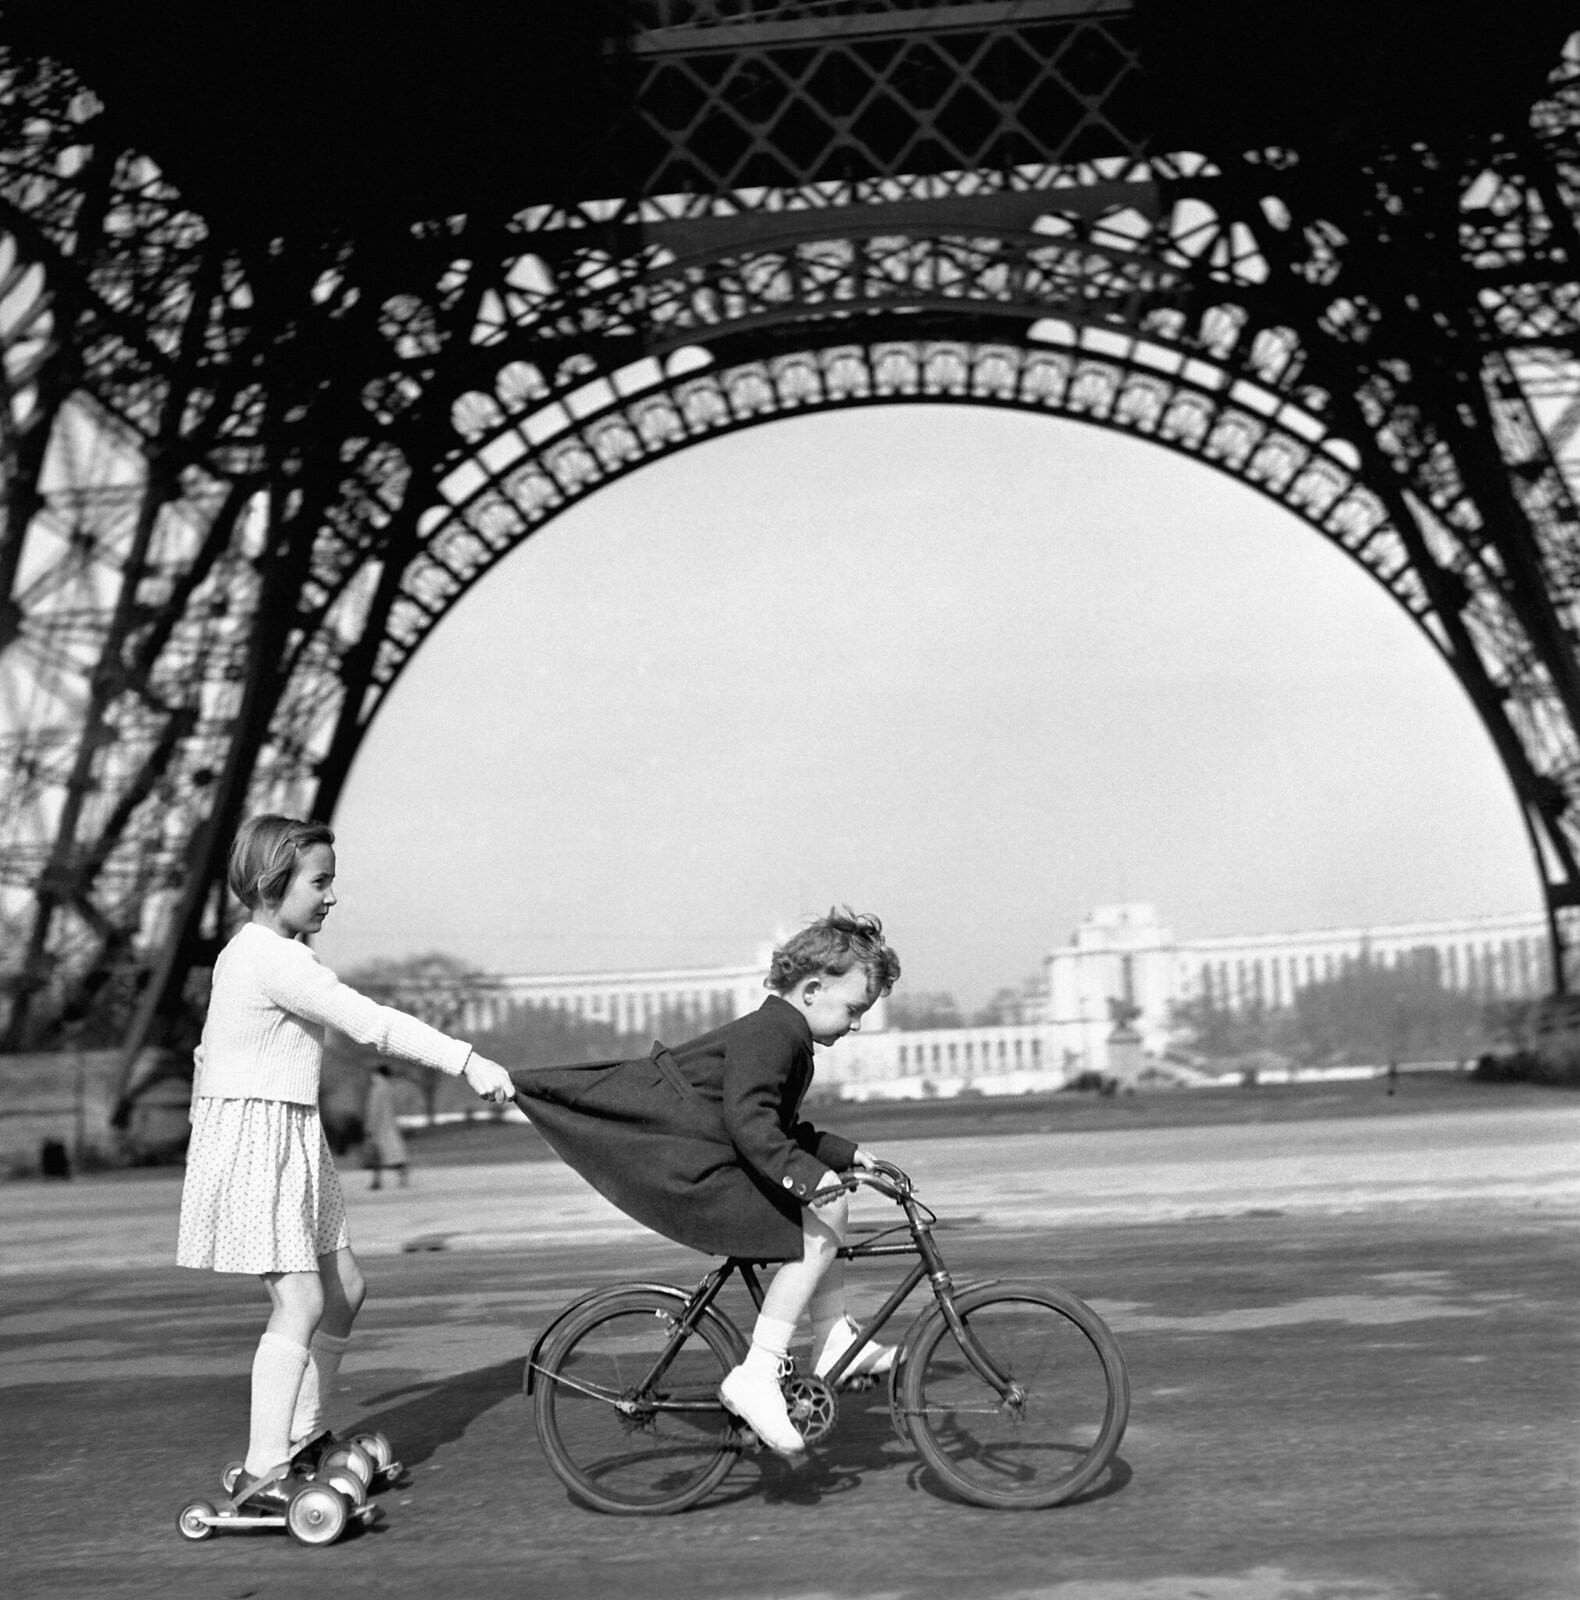 1943. Мальчик на велосипеде буксирует девочку на роликовых коньках под Эйфелевой башней на Марсовом поле